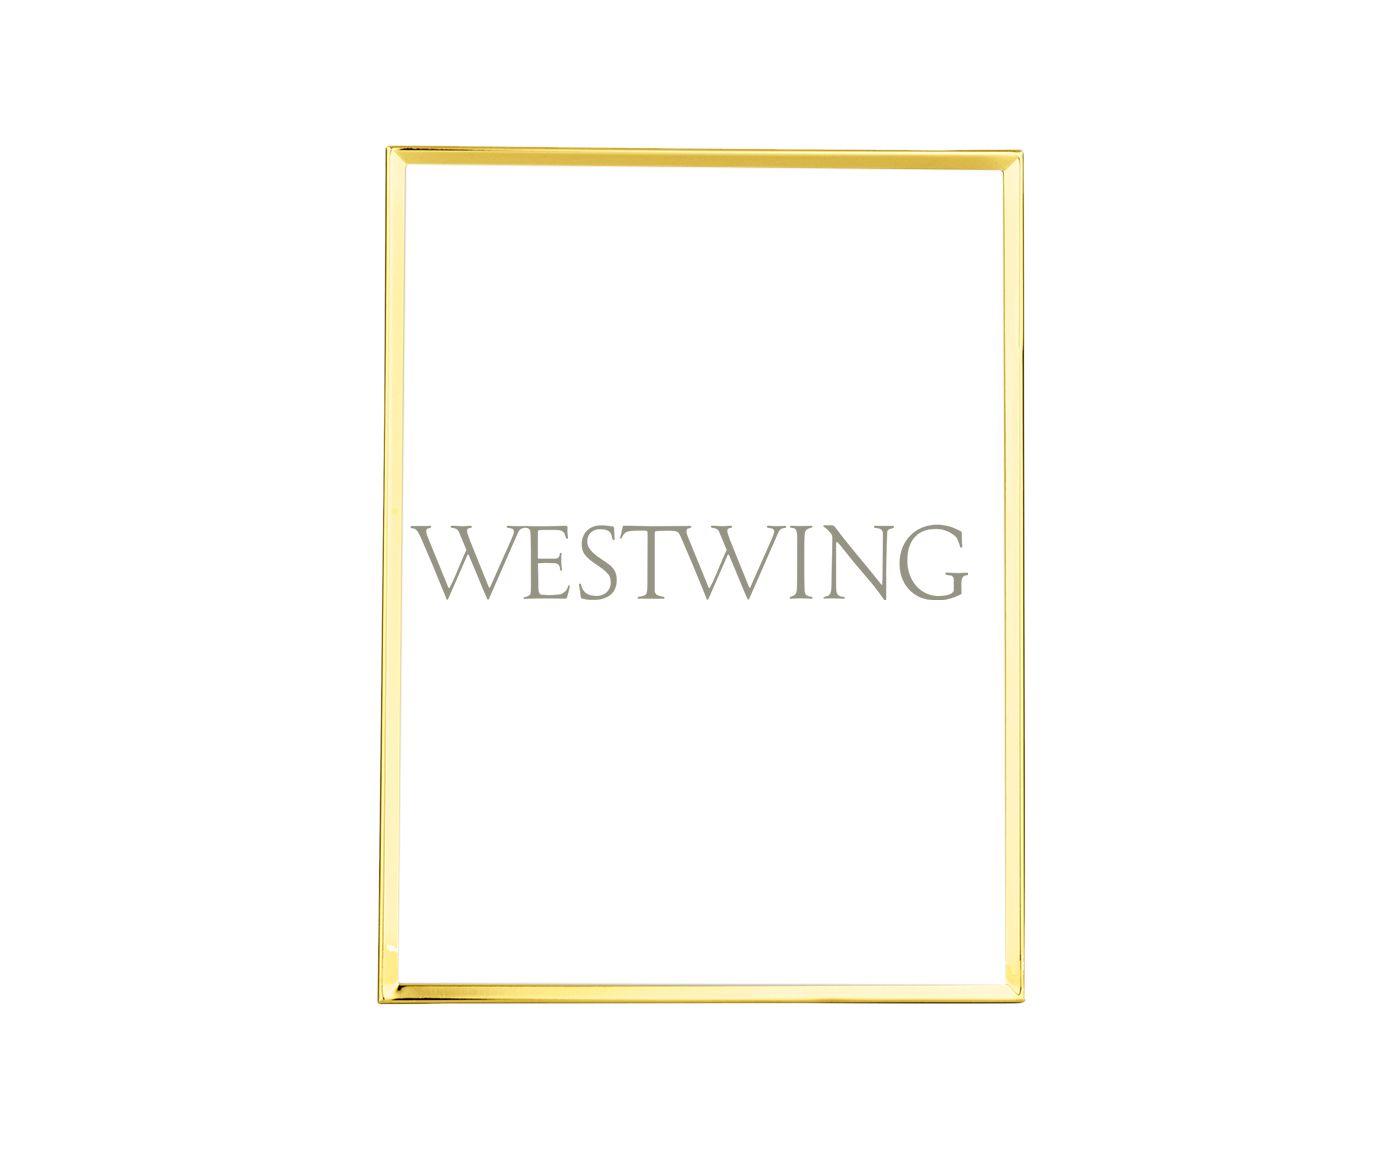 Porta-Retrato Ferrario Thin - Foto 20X25cm   Westwing.com.br